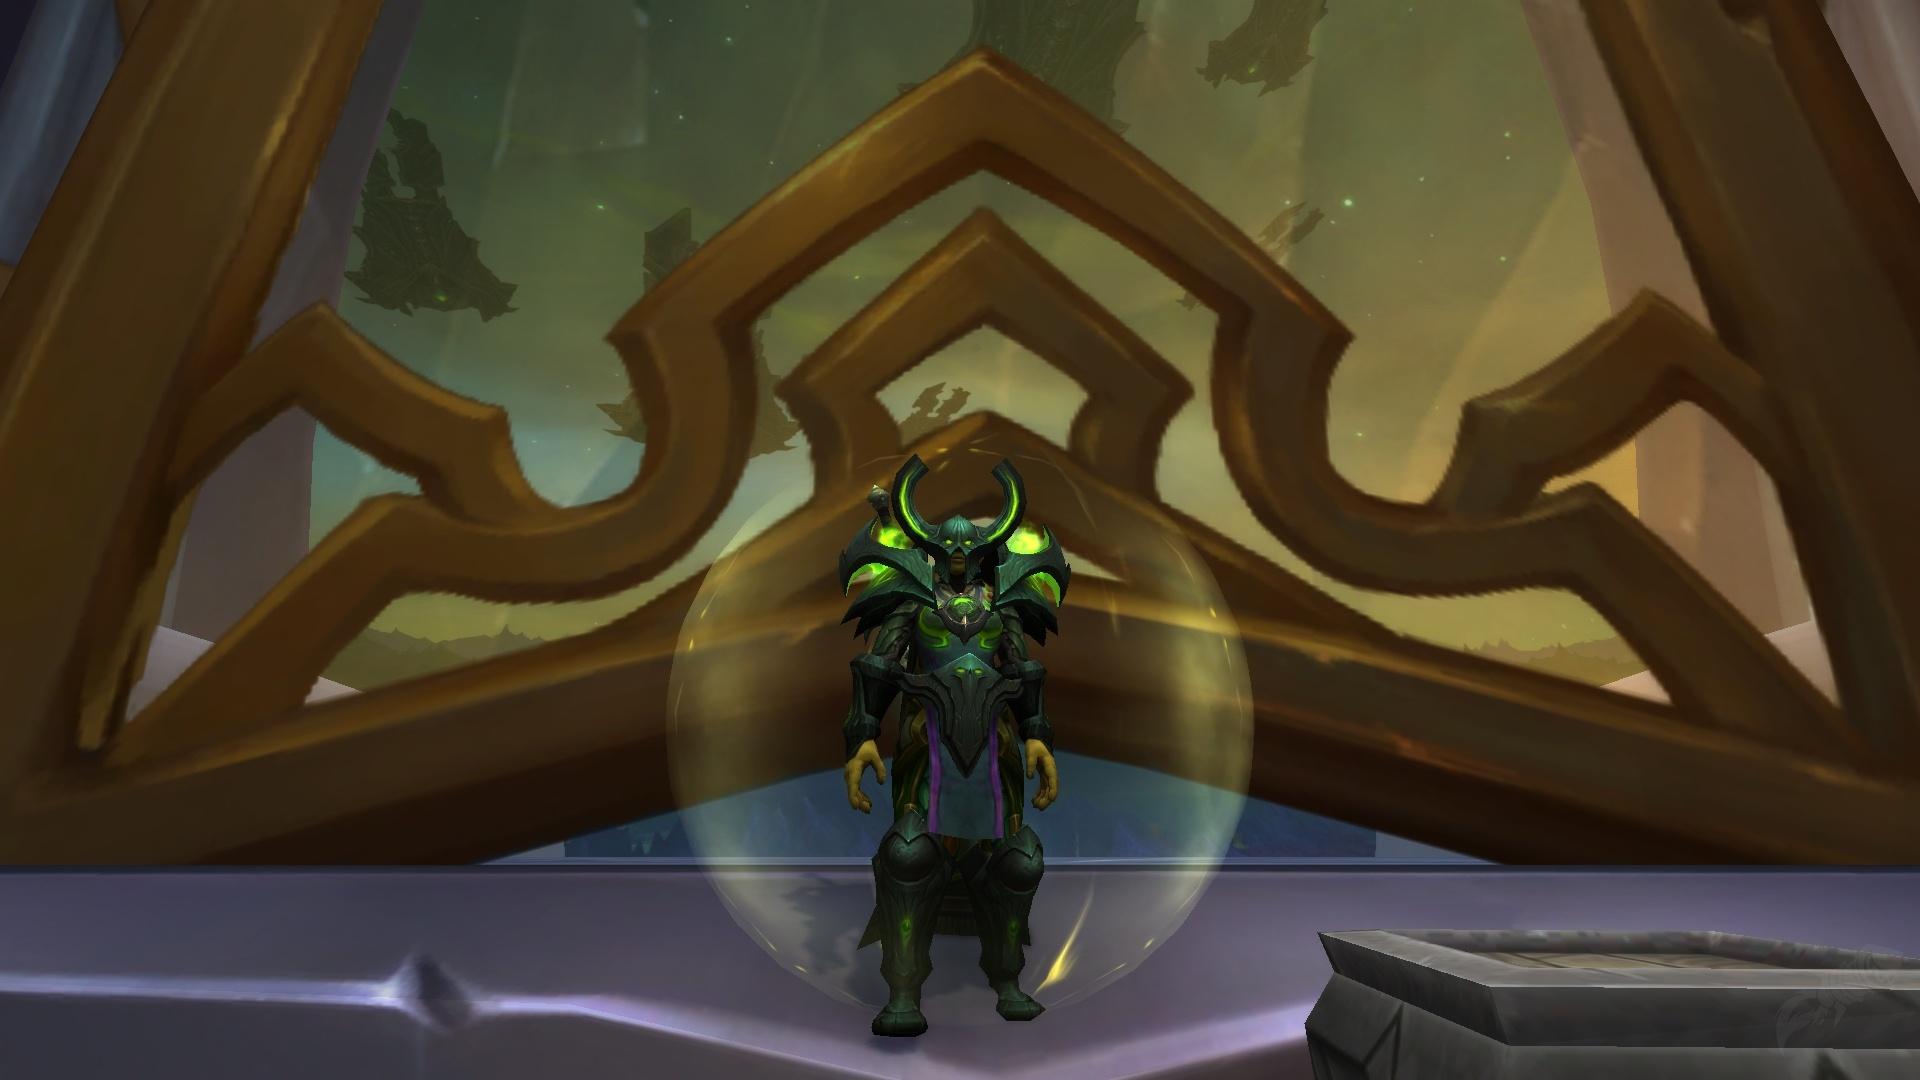 Helm Des Weltenentweihers Gegenstand World Of Warcraft